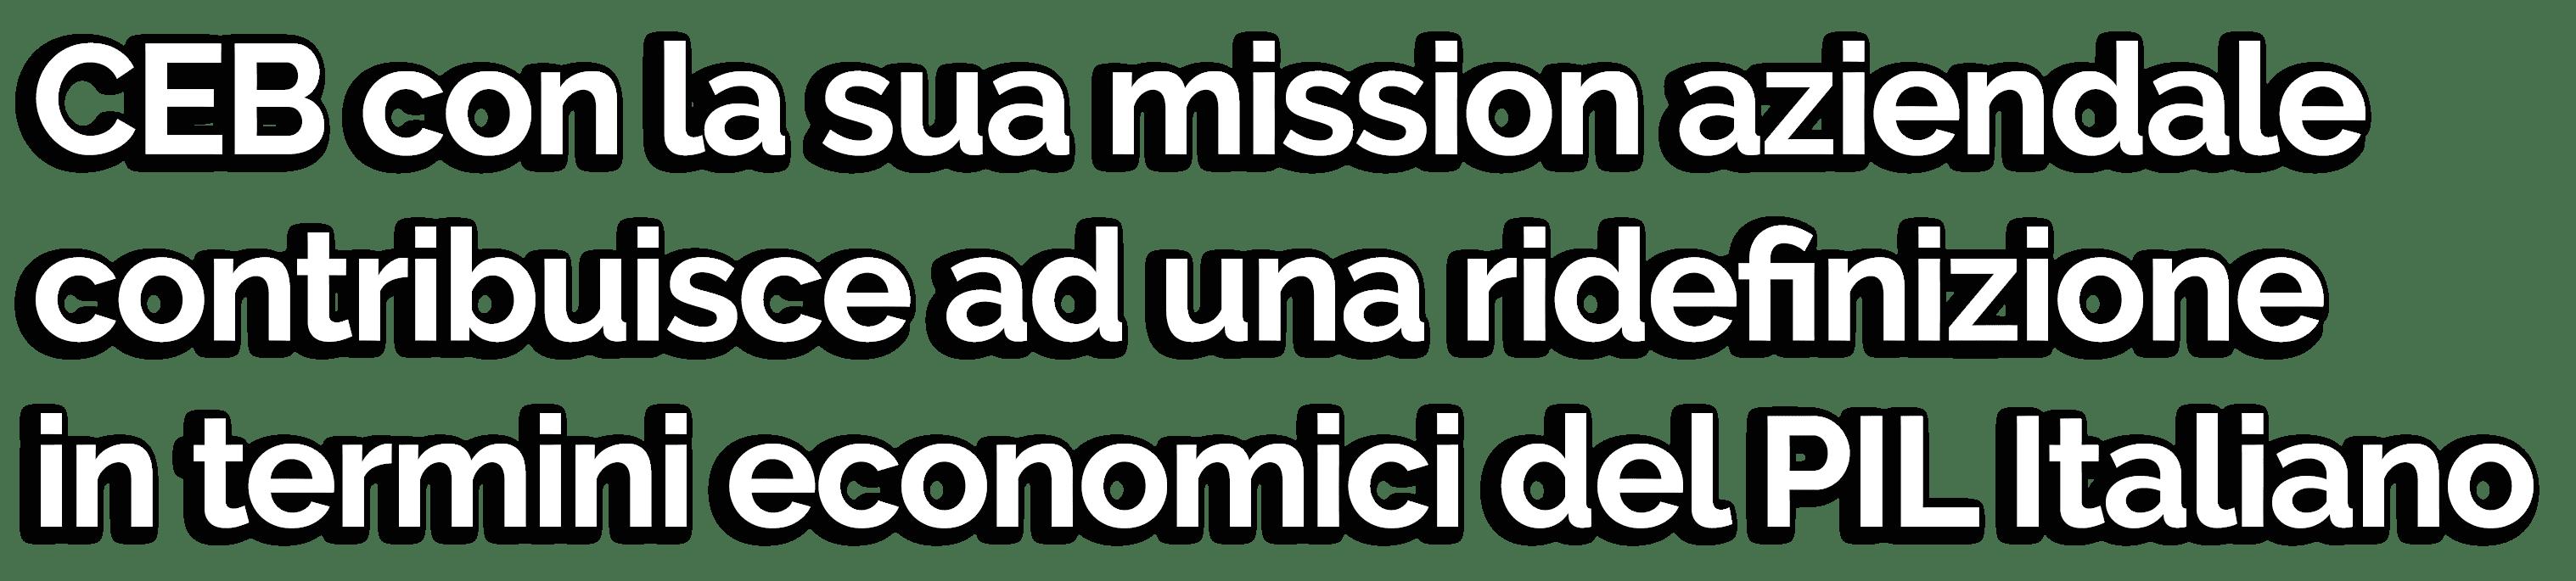 certificazione valutazione economica asset beni intangibili economia pil italia